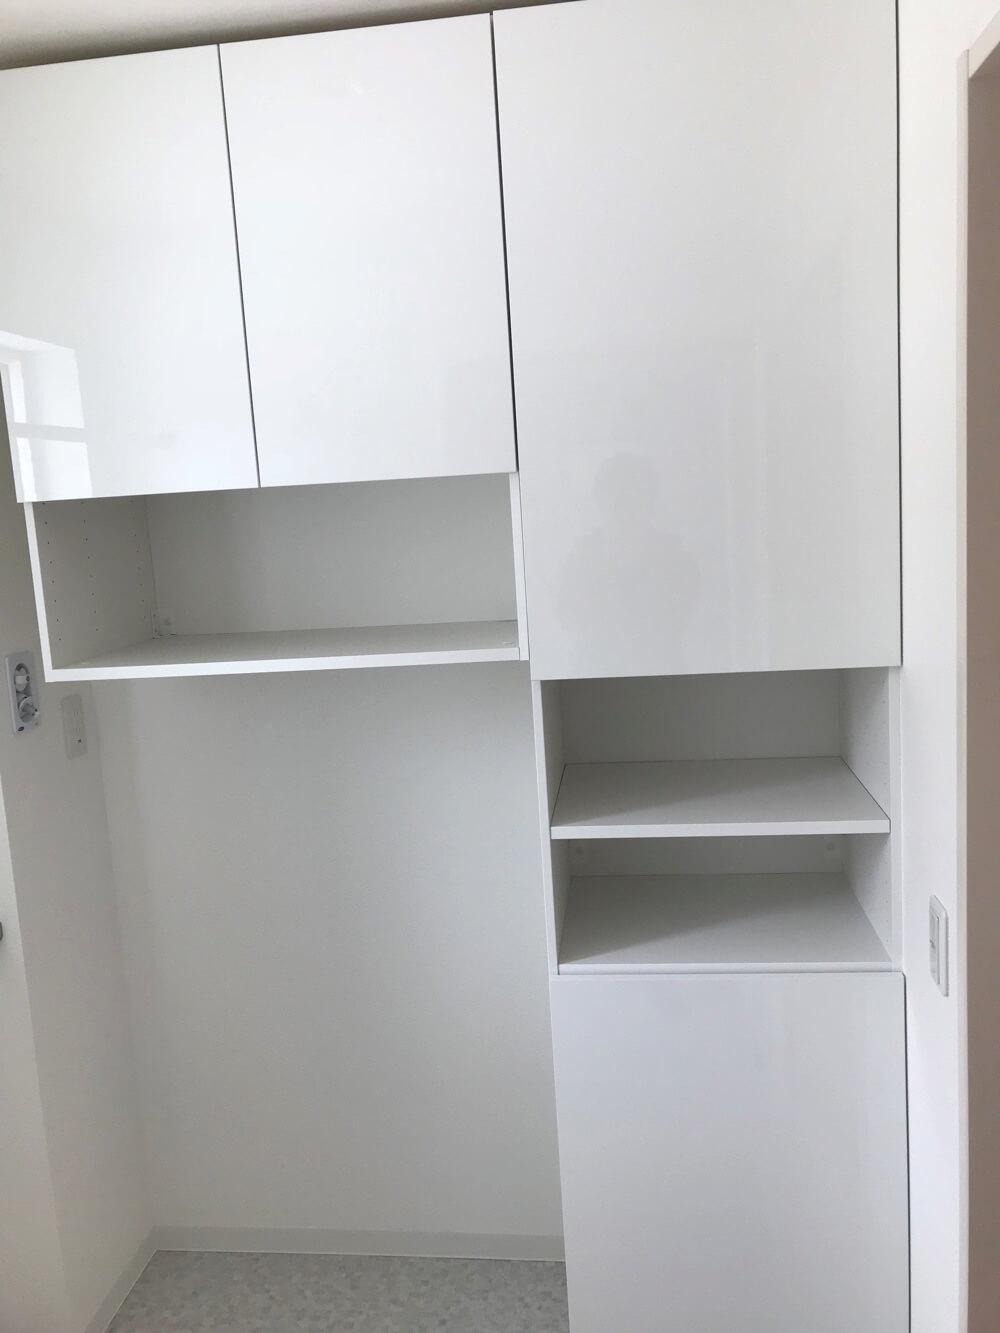 脱衣室に洗面台がないと大きい収納を作れます